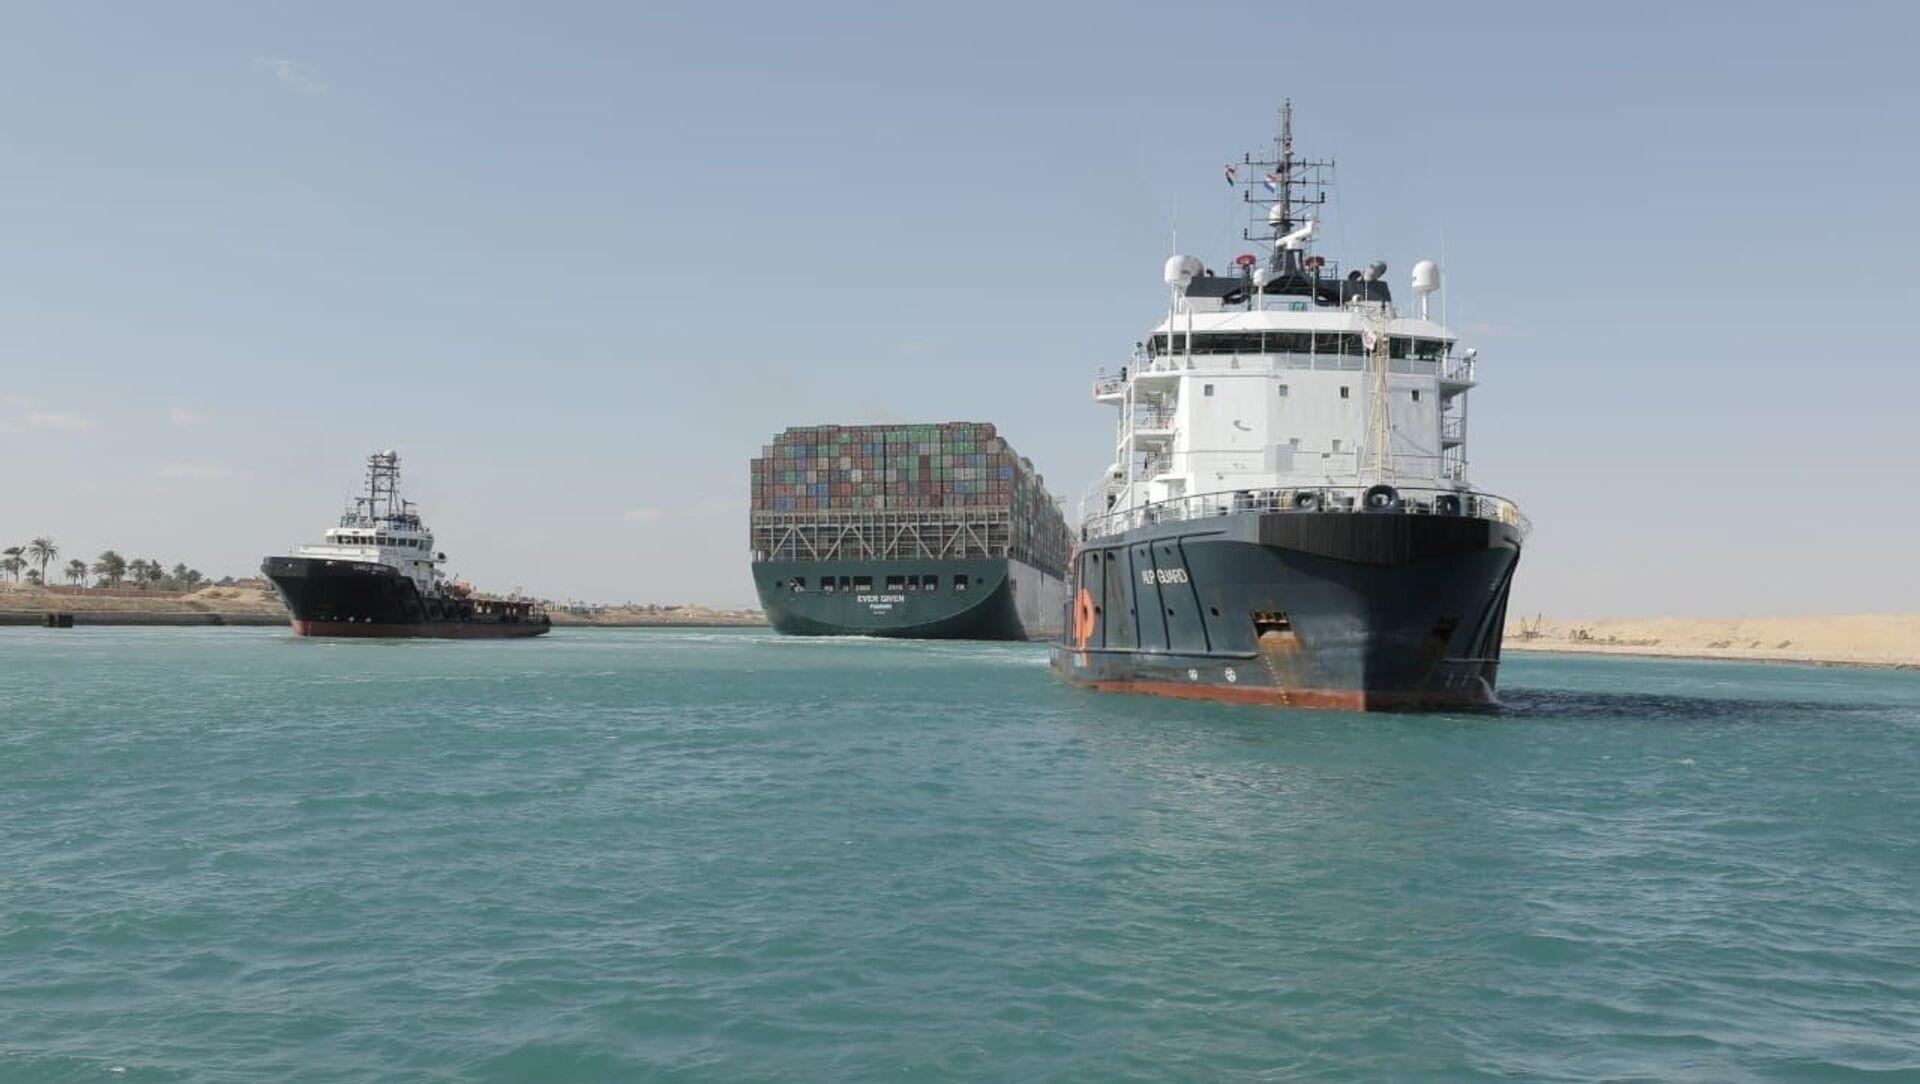 La nave Ever Given lascia il canale di Suez - Sputnik Italia, 1920, 30.03.2021